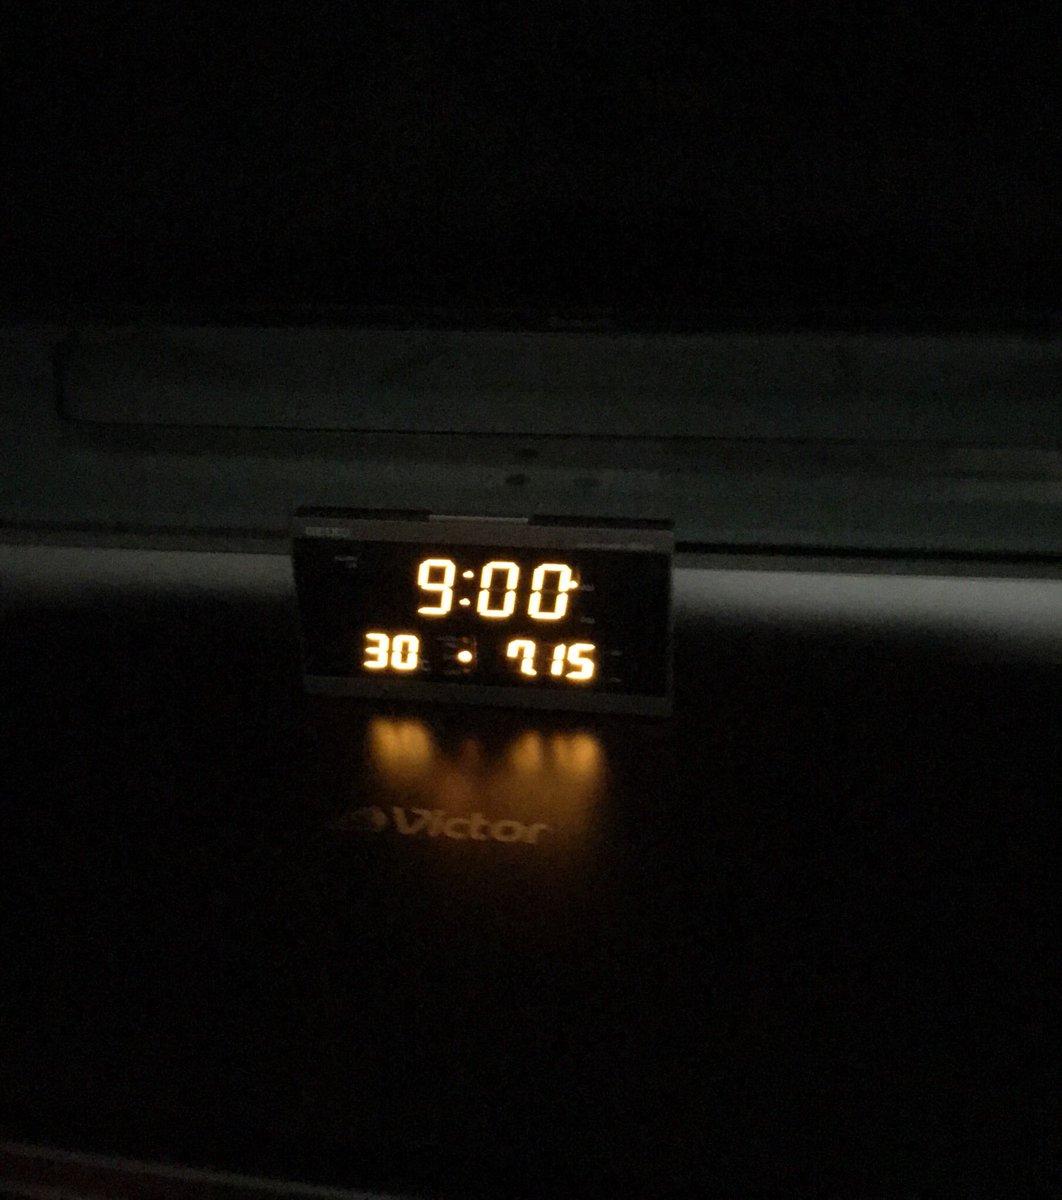 おはゼーット!すでに室温は30℃。 熱中症は部屋の中にいてもなるらしいので気をつけてくださいね! 今日も良い一日を! #HaveagoodSunday #Puravida